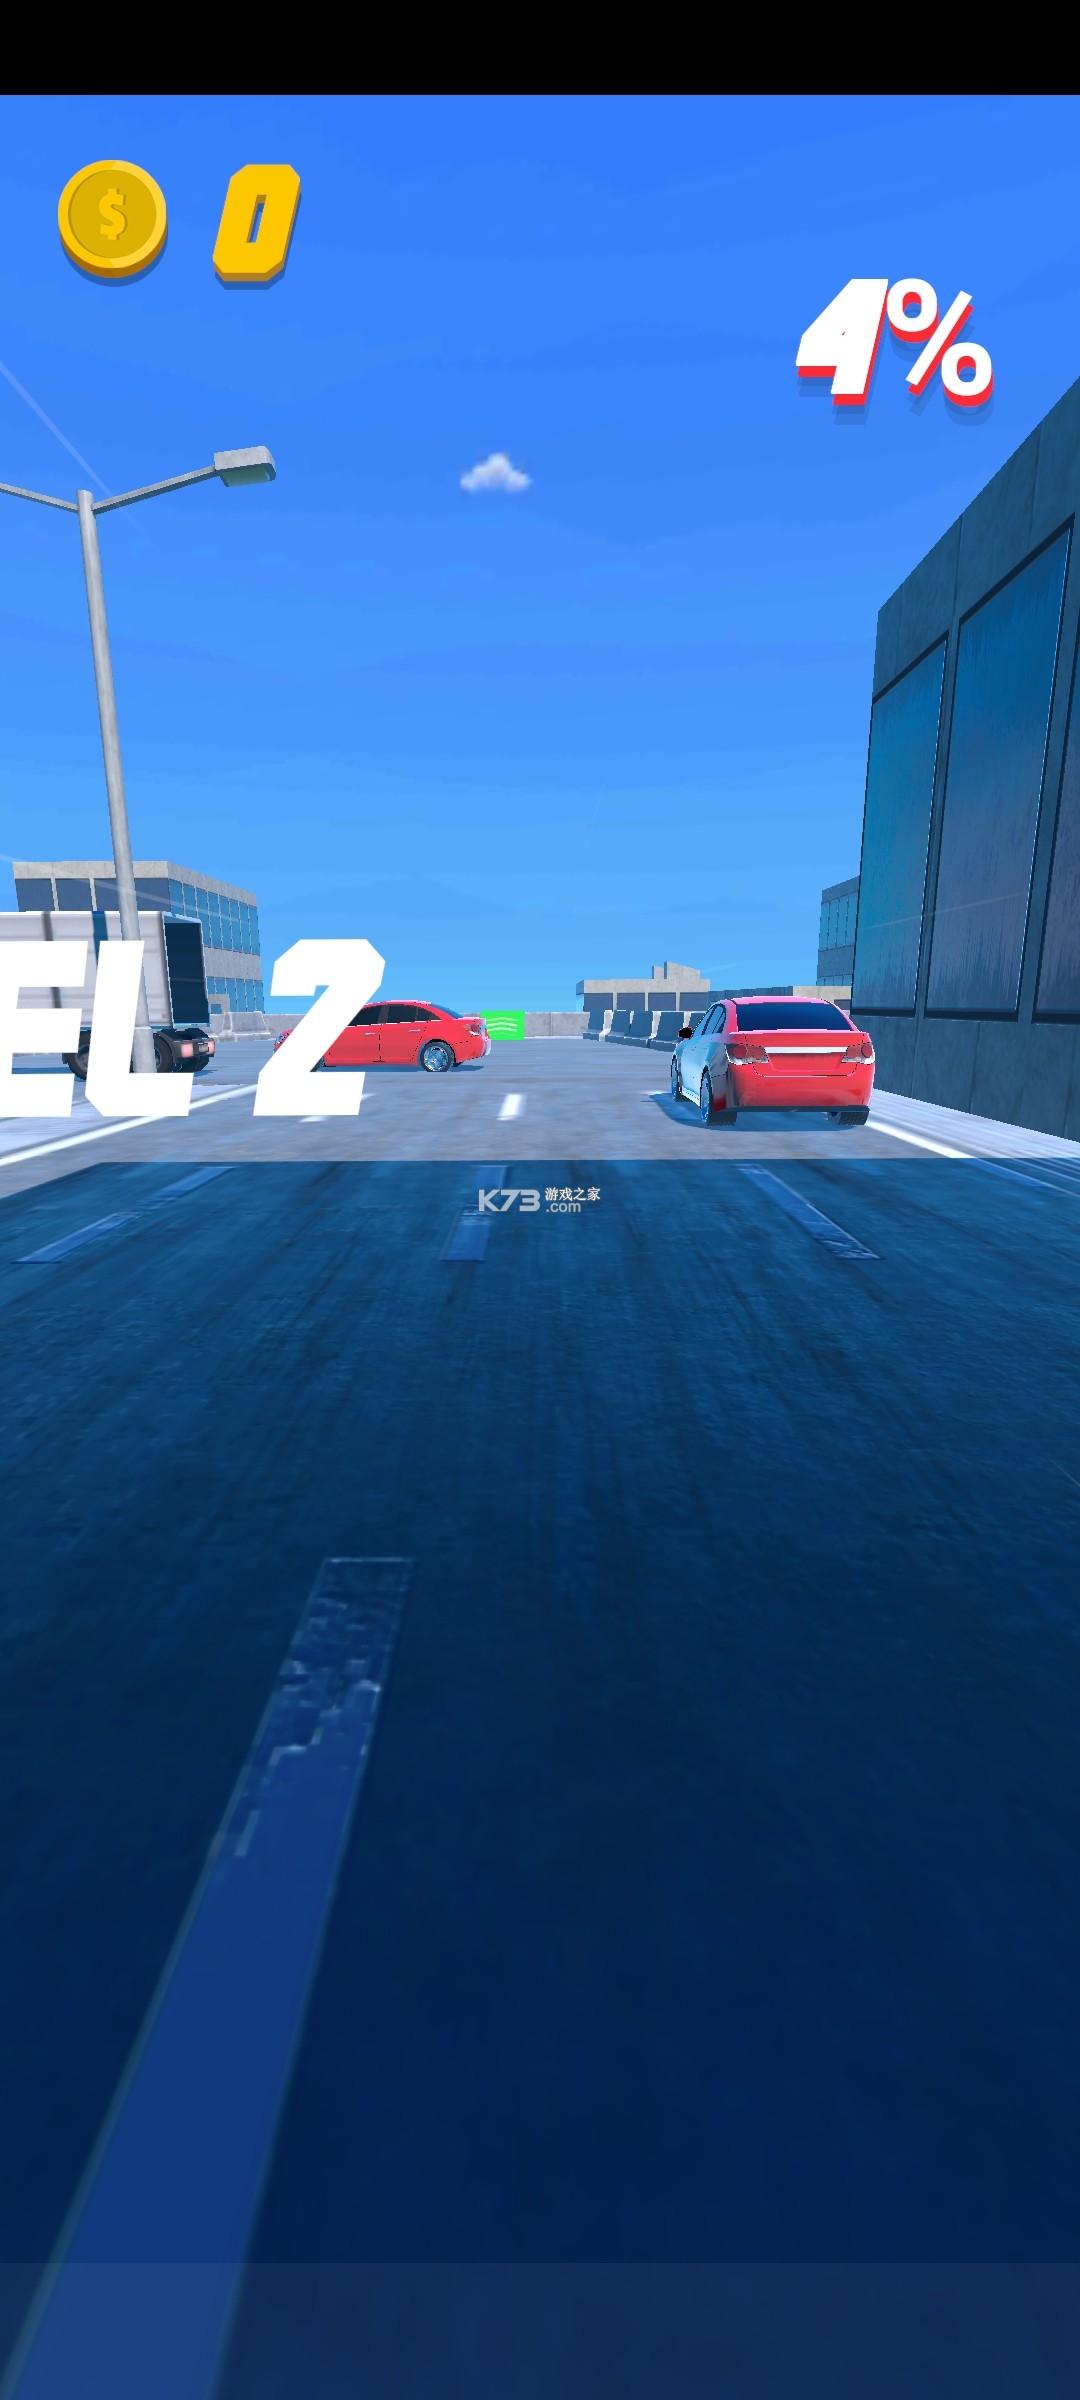 天台跑酷 v1.3 游戏 截图